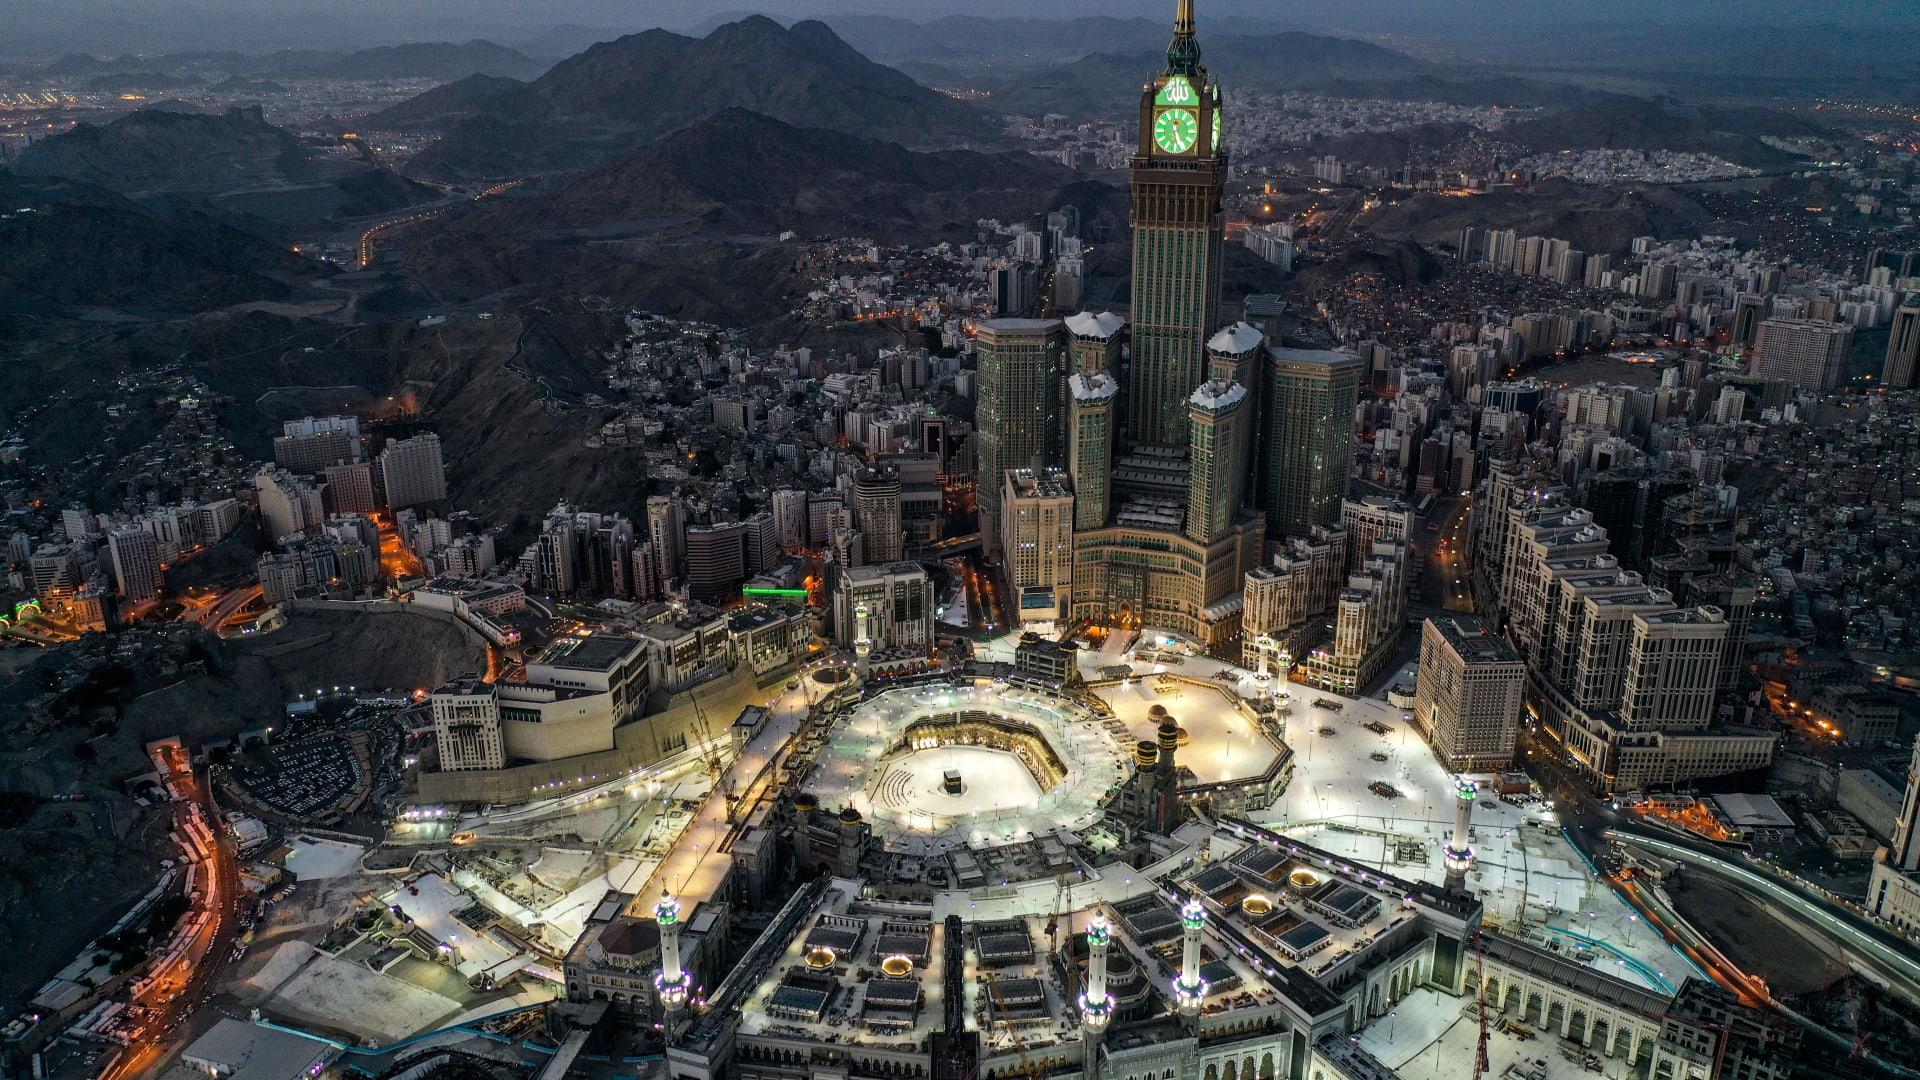 في رابع أيام العيد.. الشمس تتعامد على الكعبة بمكة في السعودية لأول مرة هذا العام